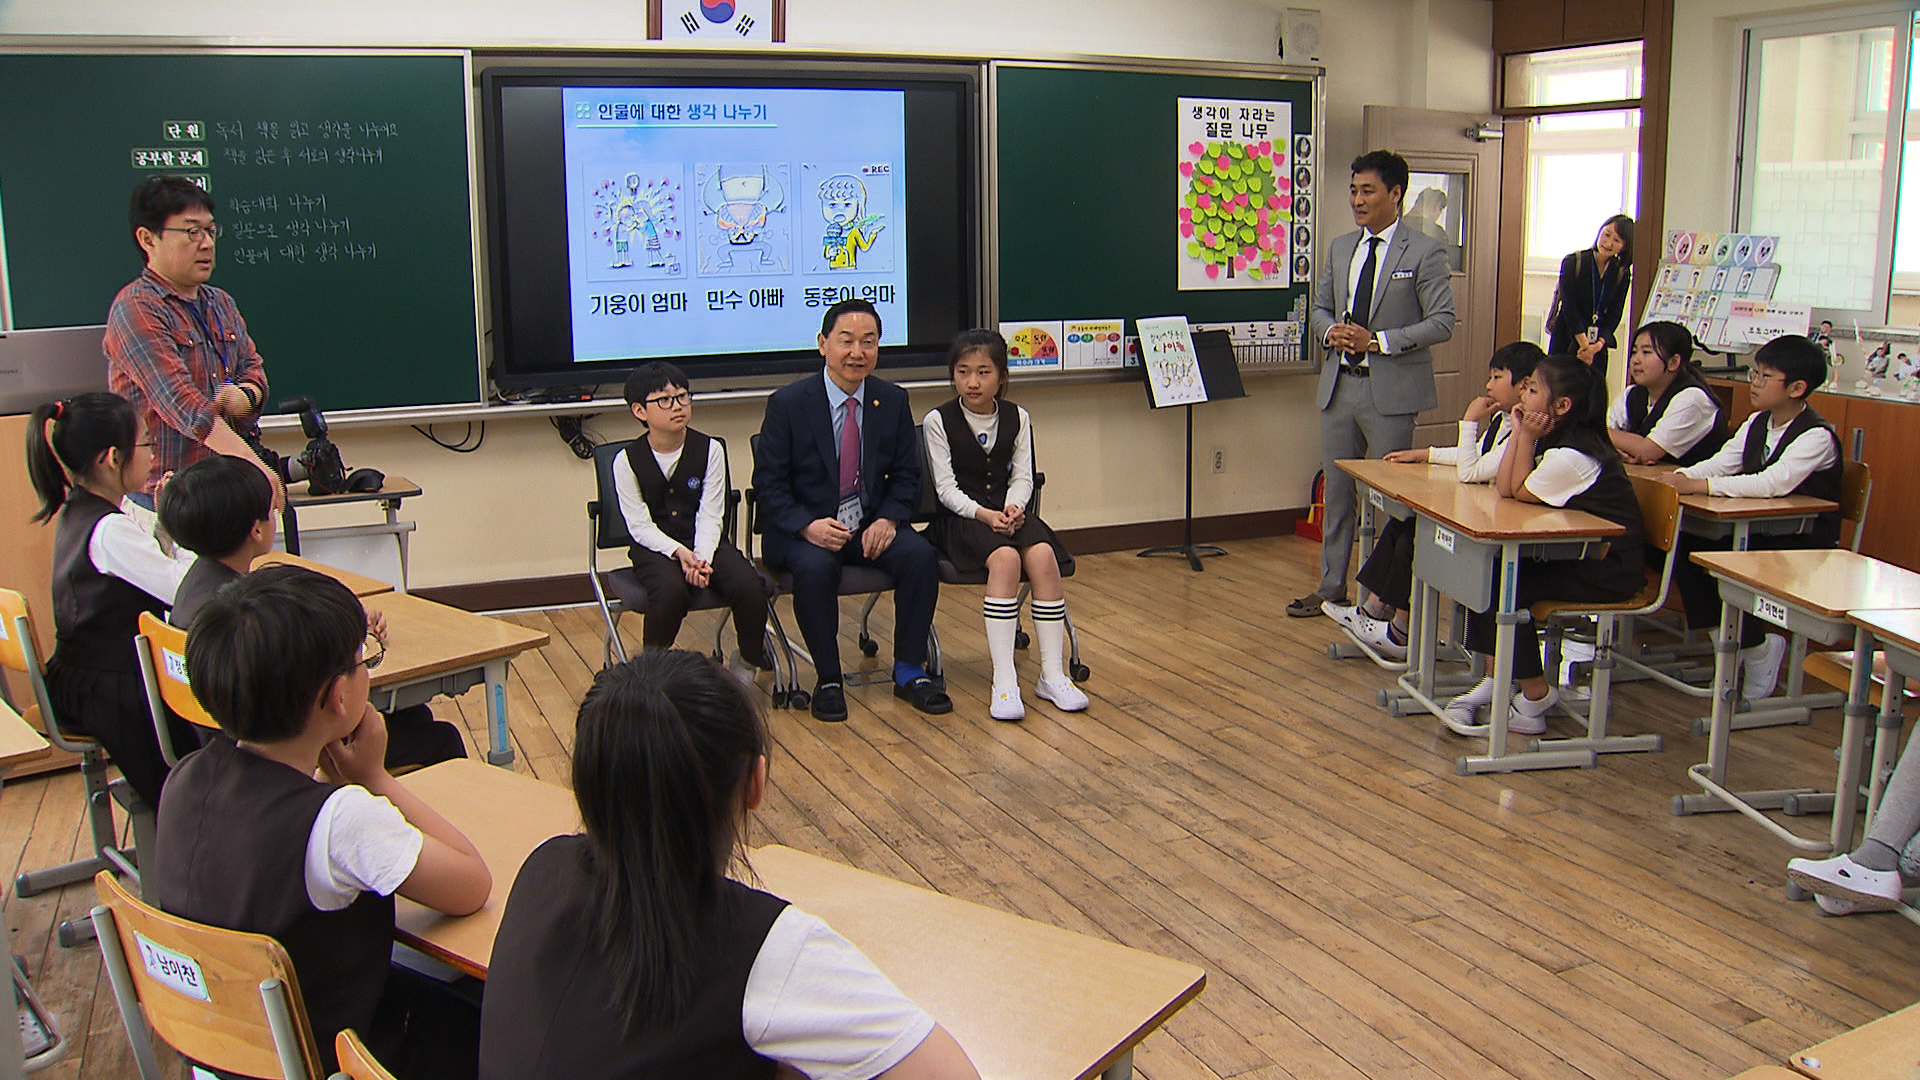 김상곤 부총리, 새 교과서 활용한 초등학교 수업 참관